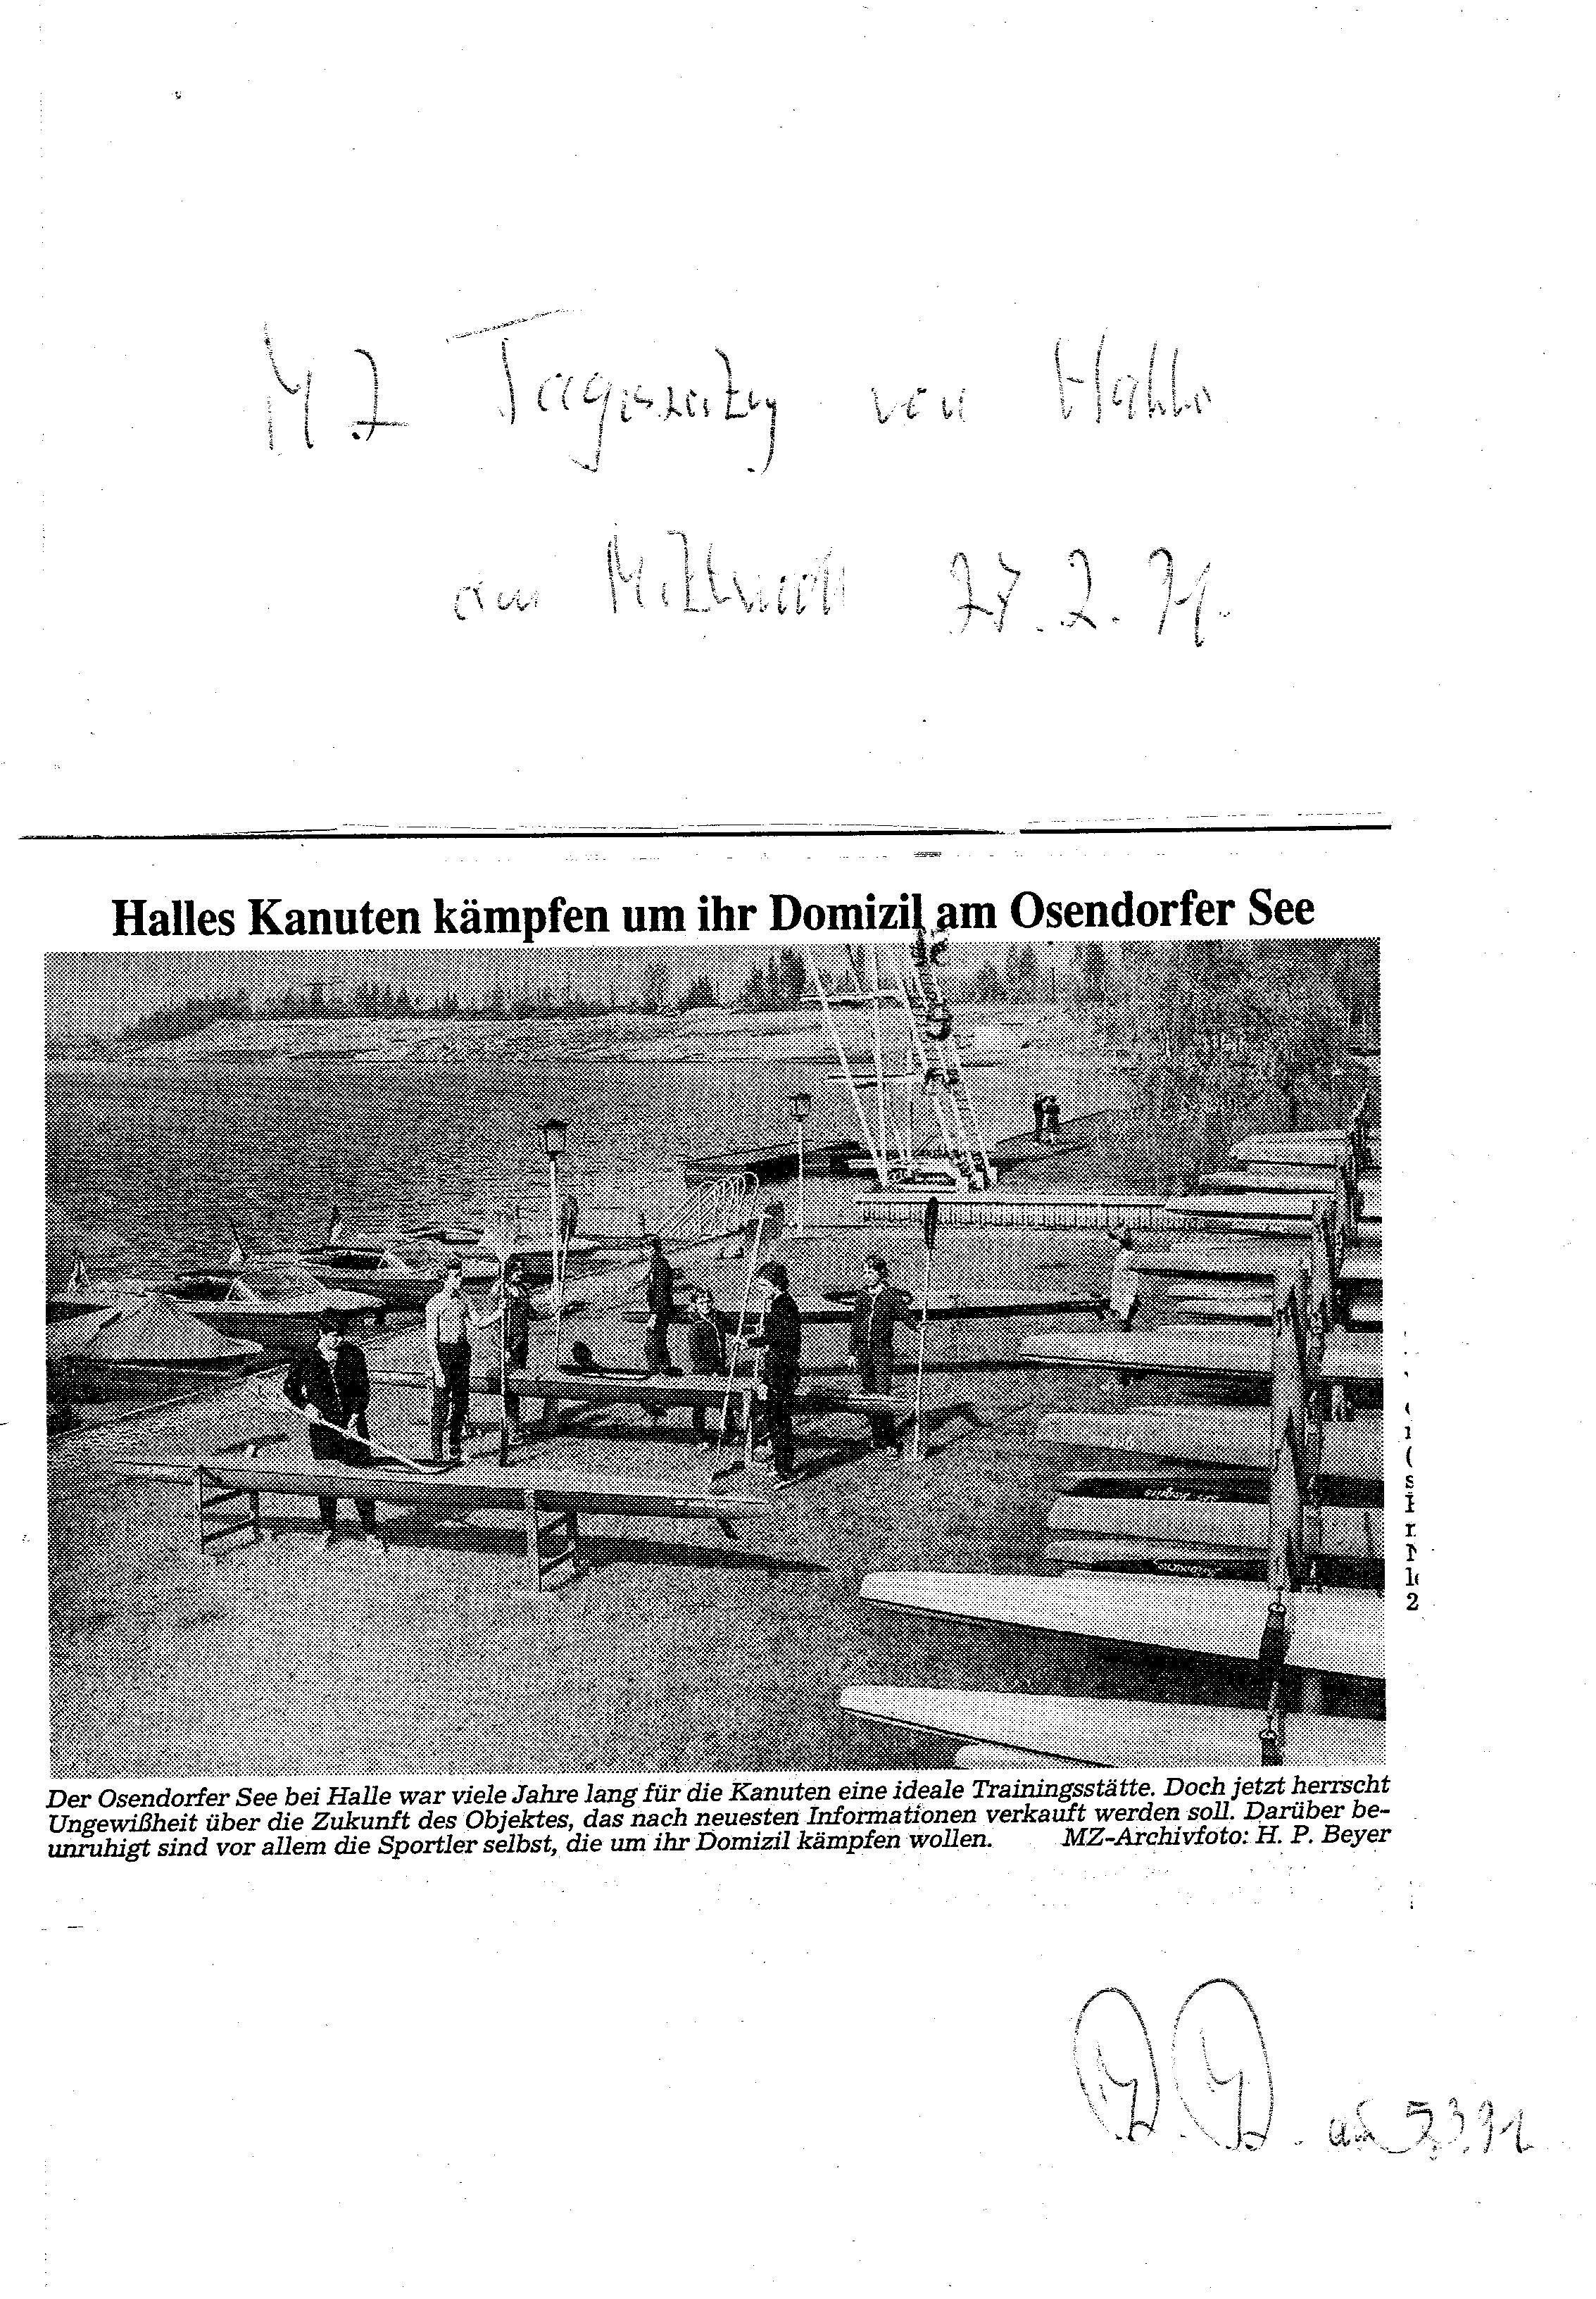 1991-02-27 MU Halles Kanuten kämpfen um Ihr Domizil am Osendorfer See